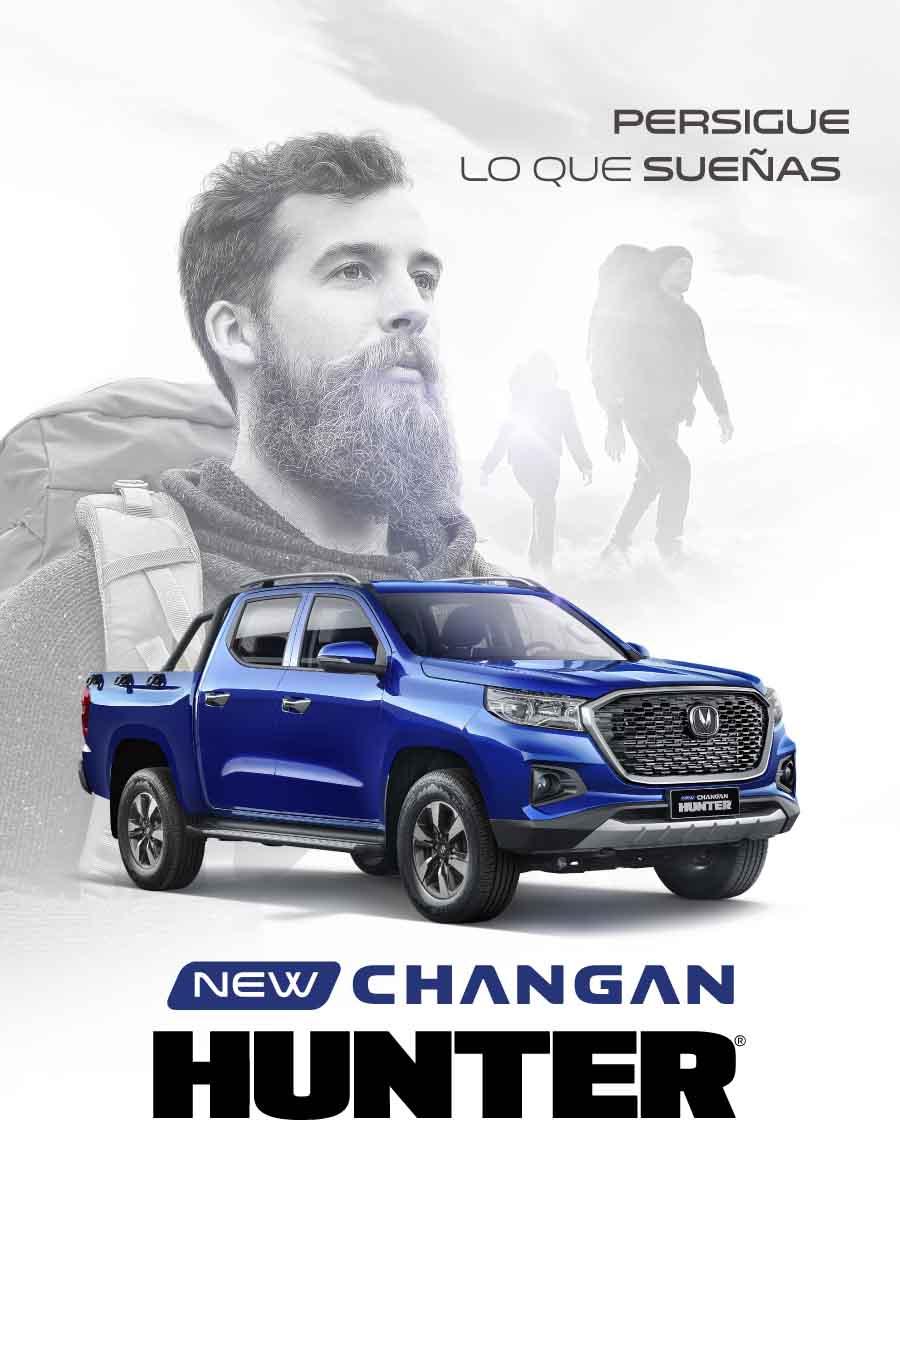 New Hunter